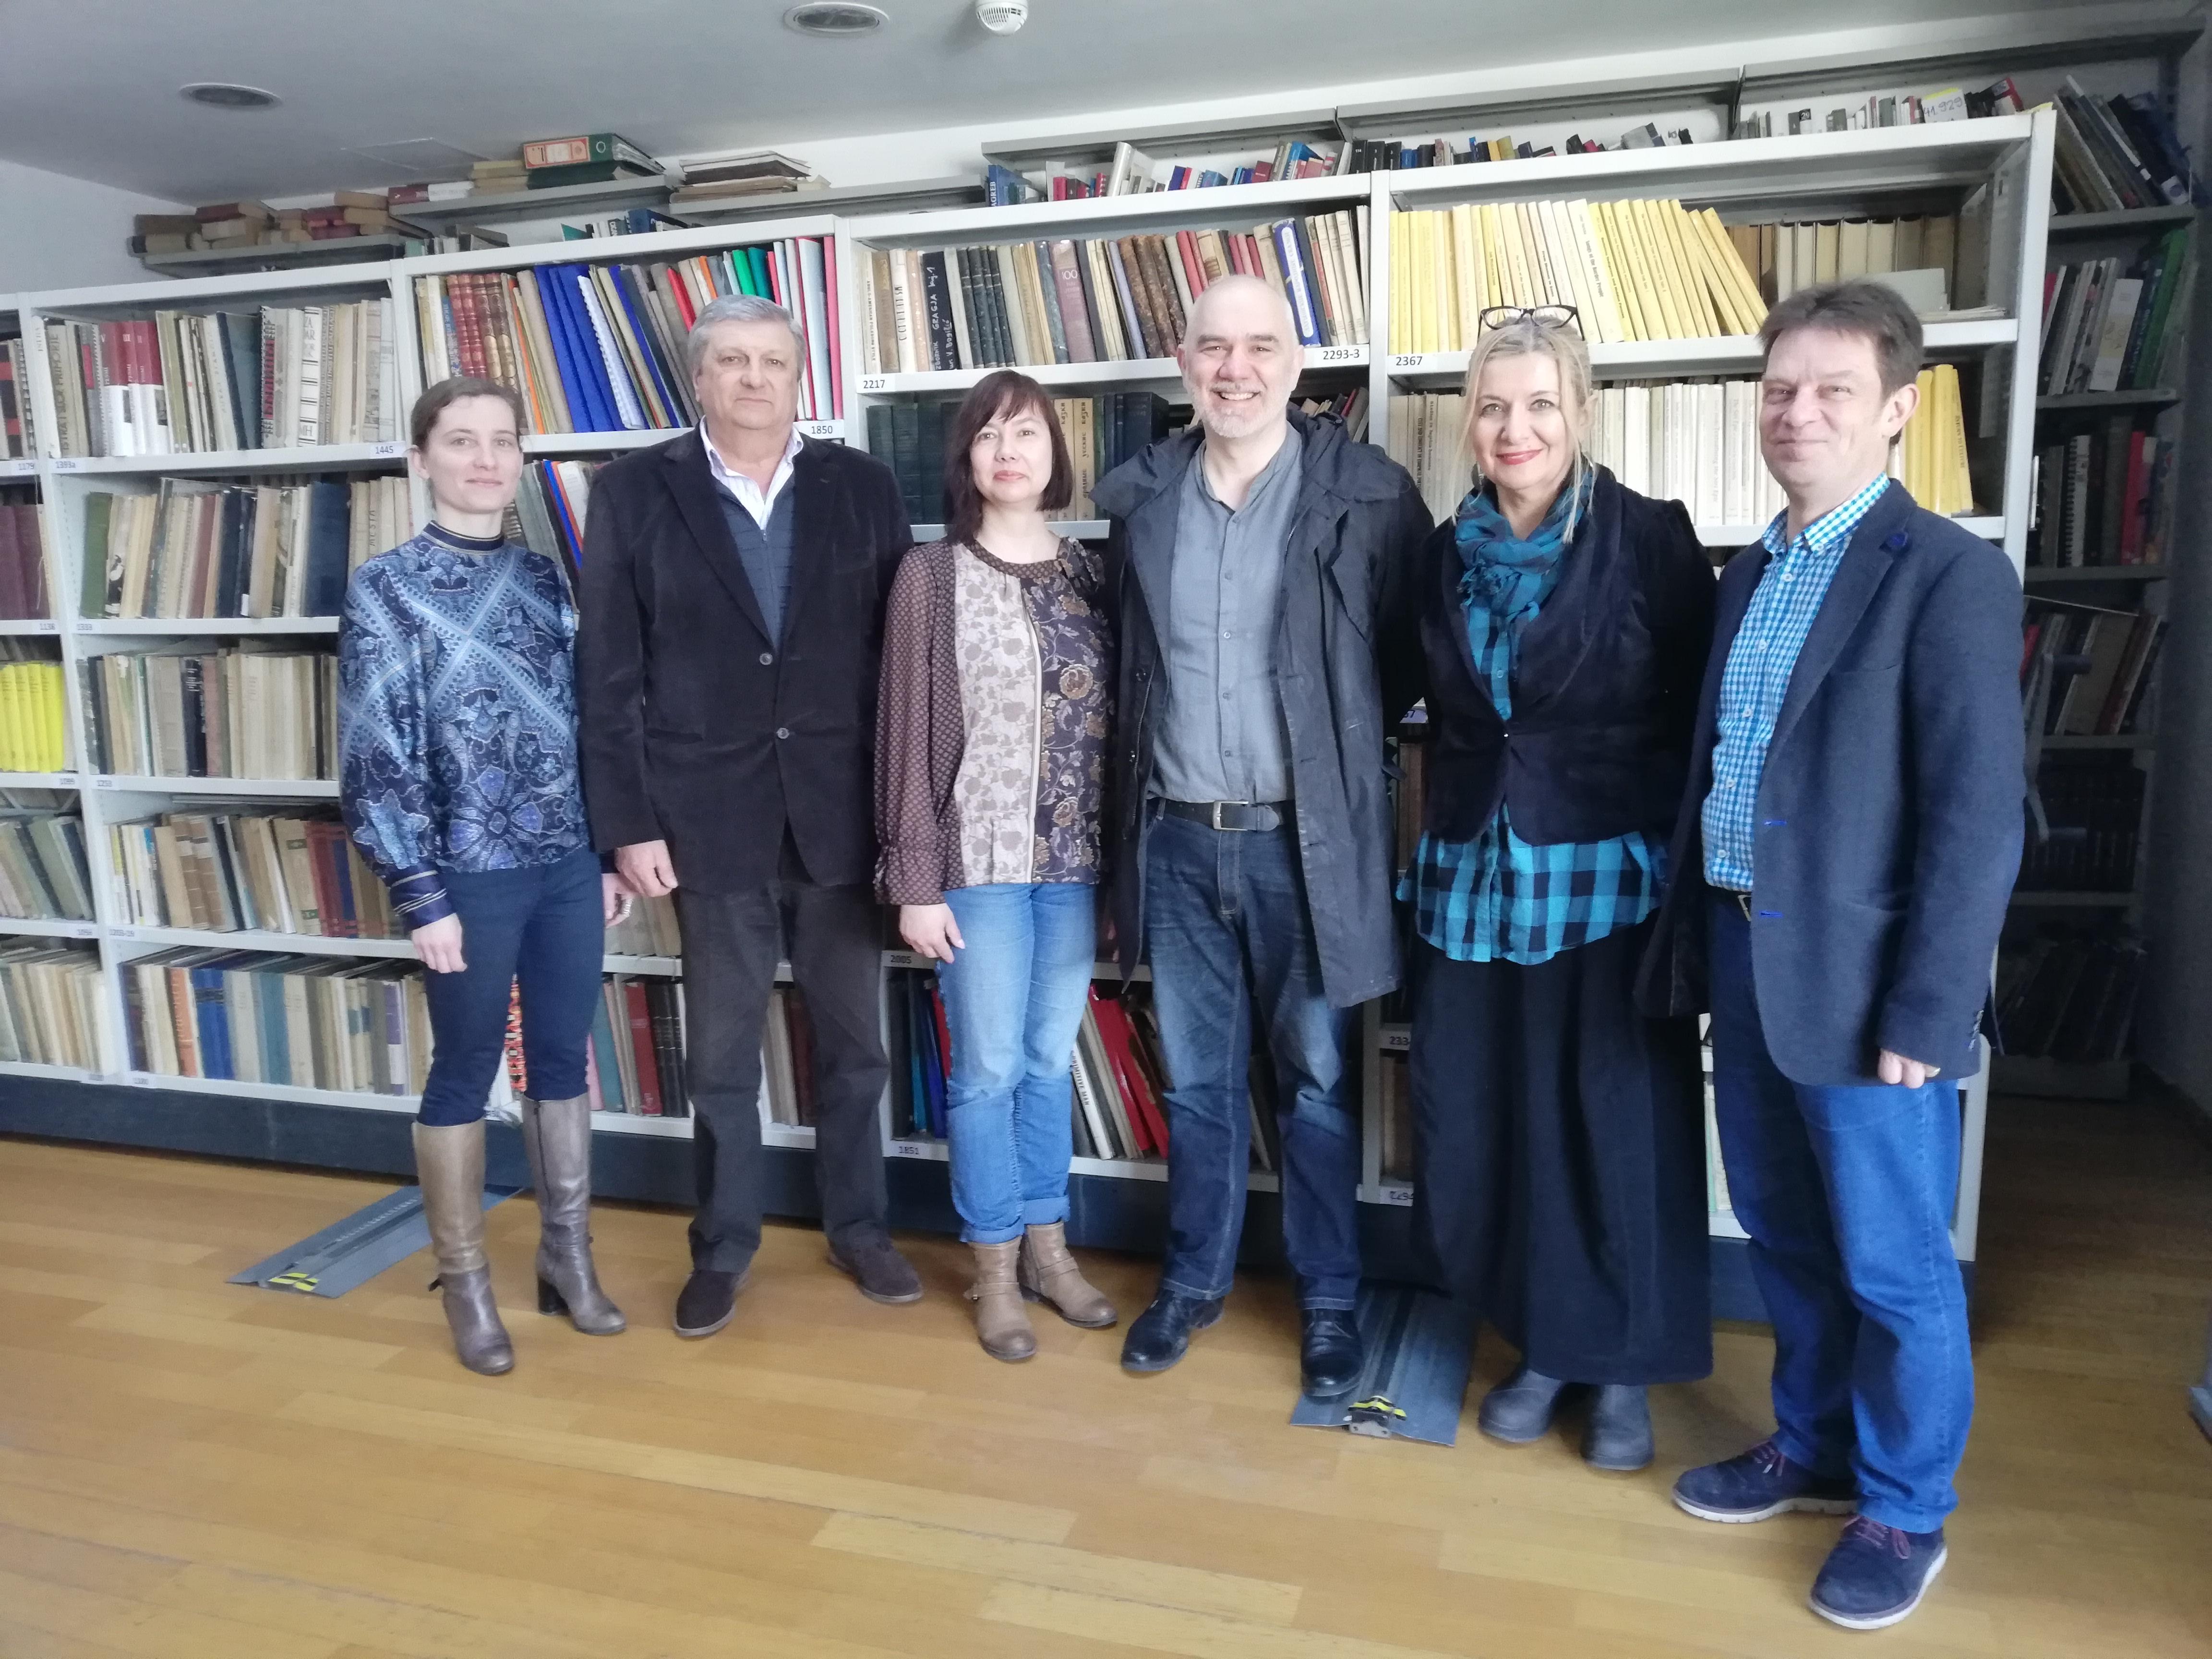 Članovi radne skupine (s desna): Tvrtko Zebec, Lidija Bajuk, Antonio Grgić, Vesna Peršić Kovač, Vinko Horvat, Janja Kovač